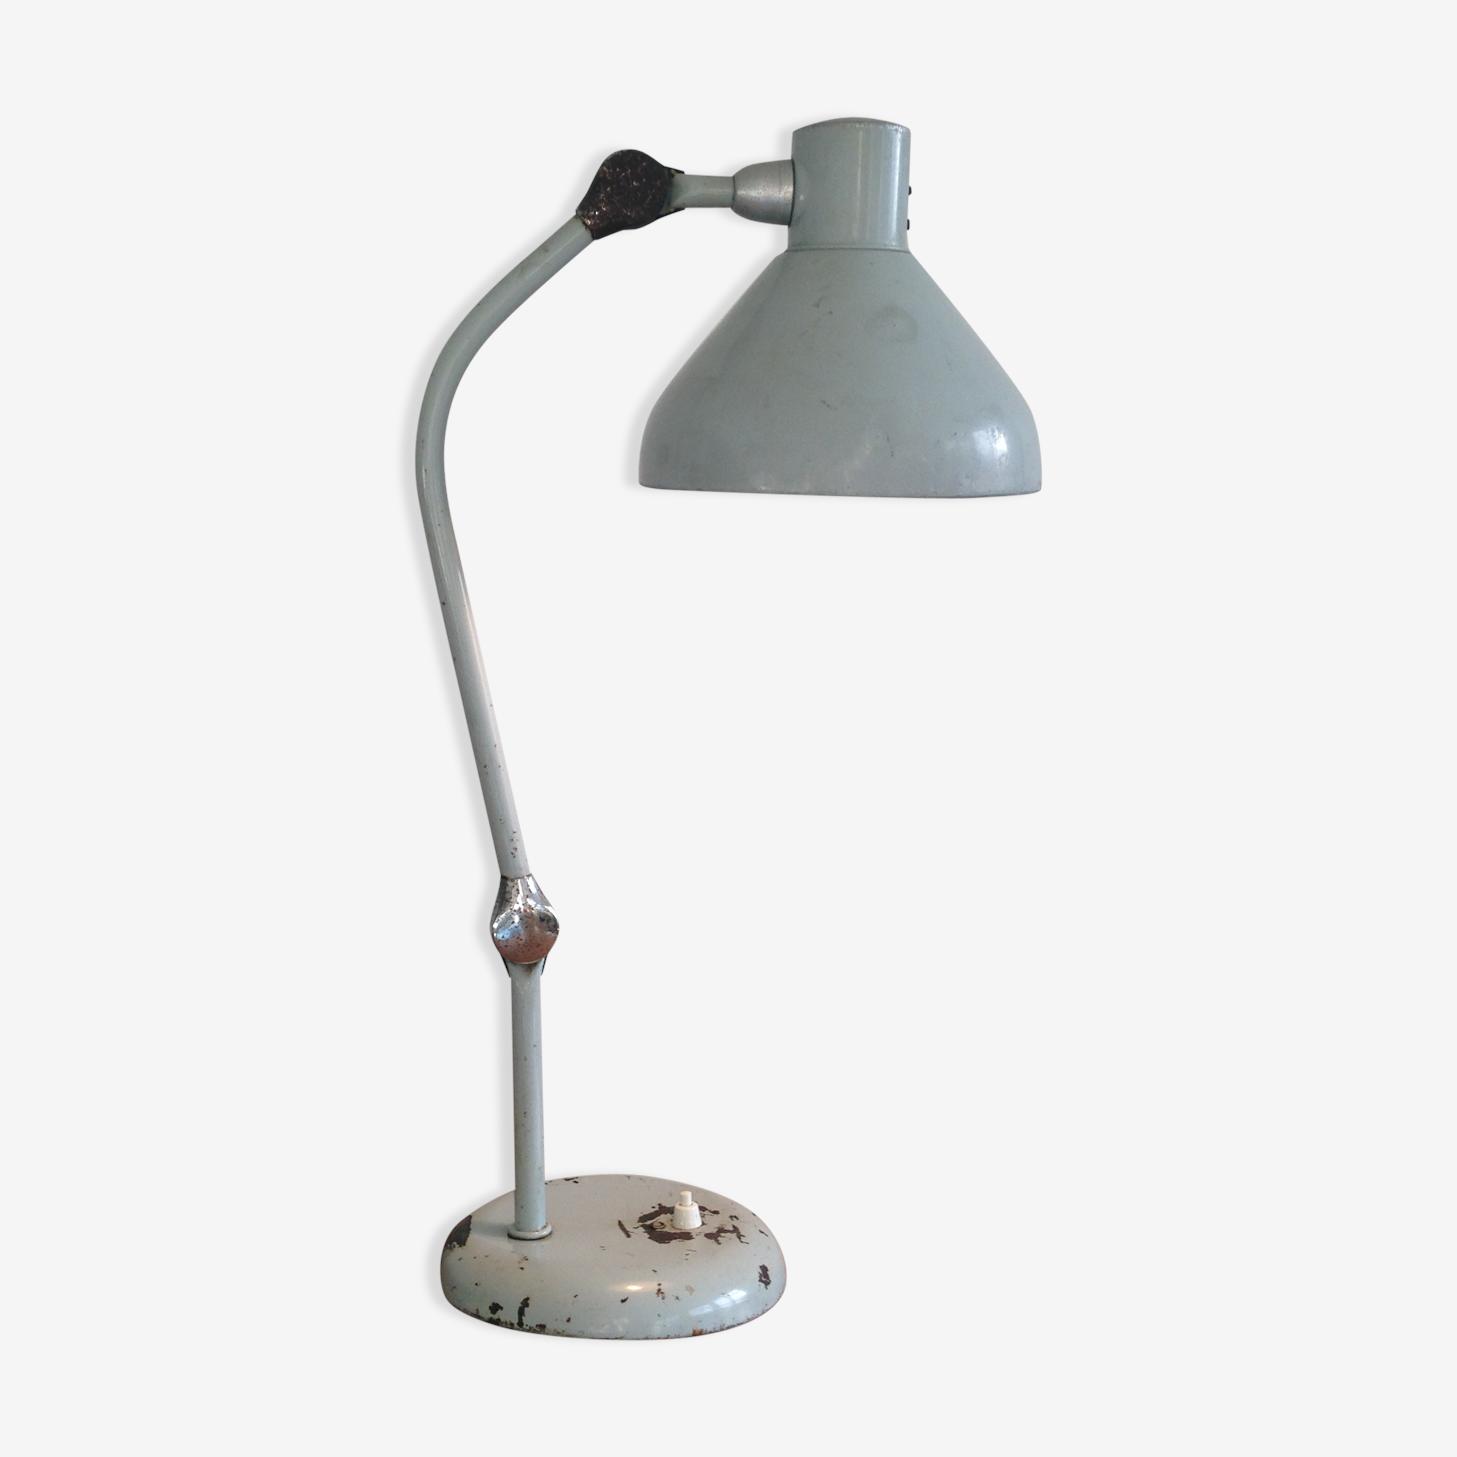 Lampe jumo - modèle gs1 - 1960 - france